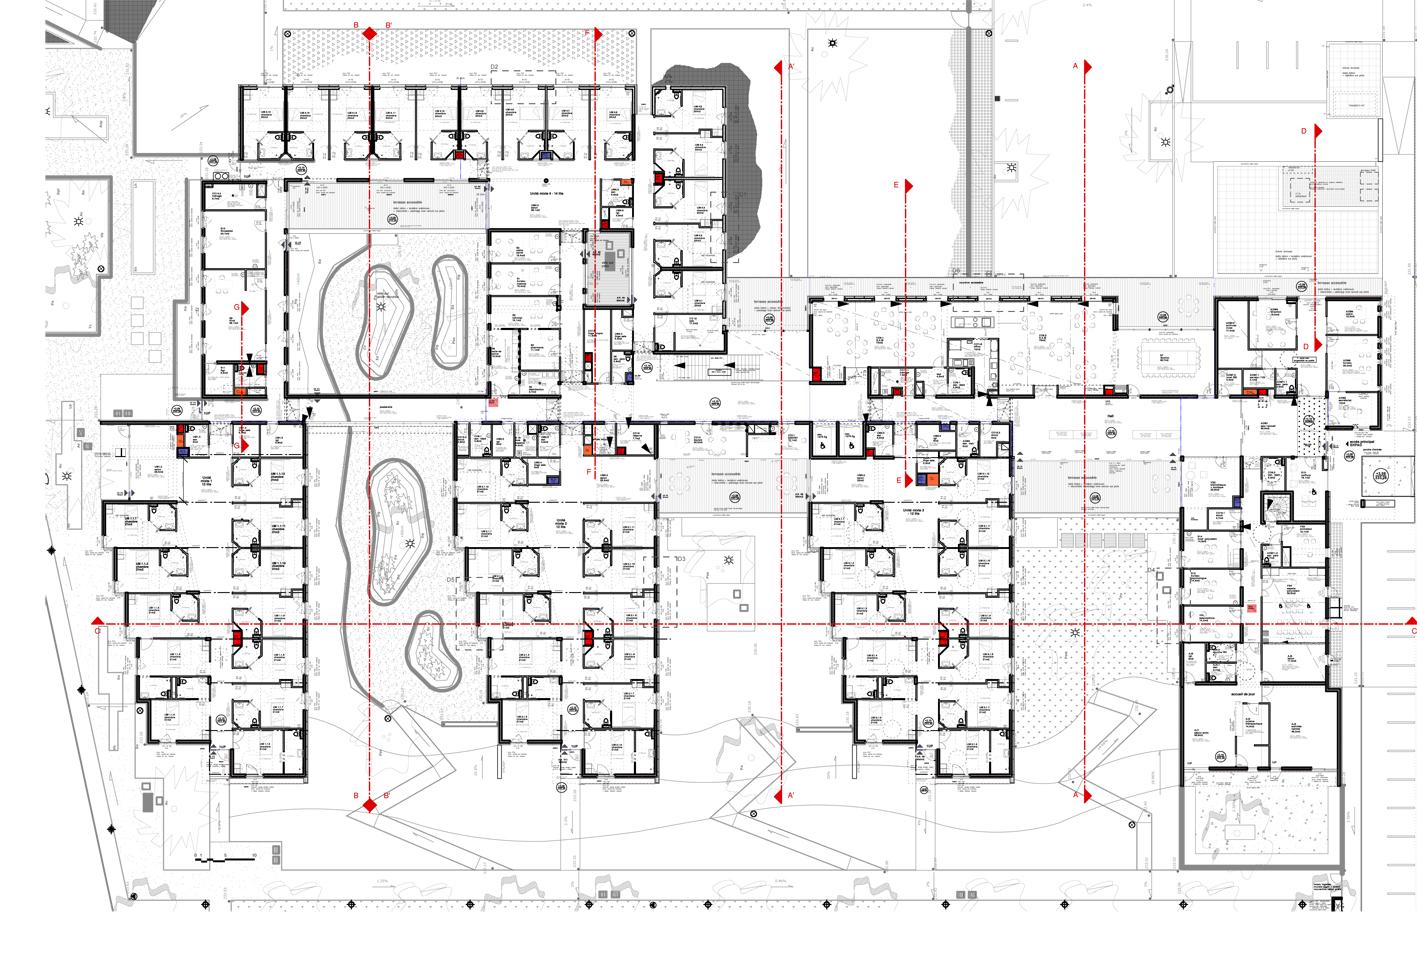 110921_PRO ind 3 plans v2011